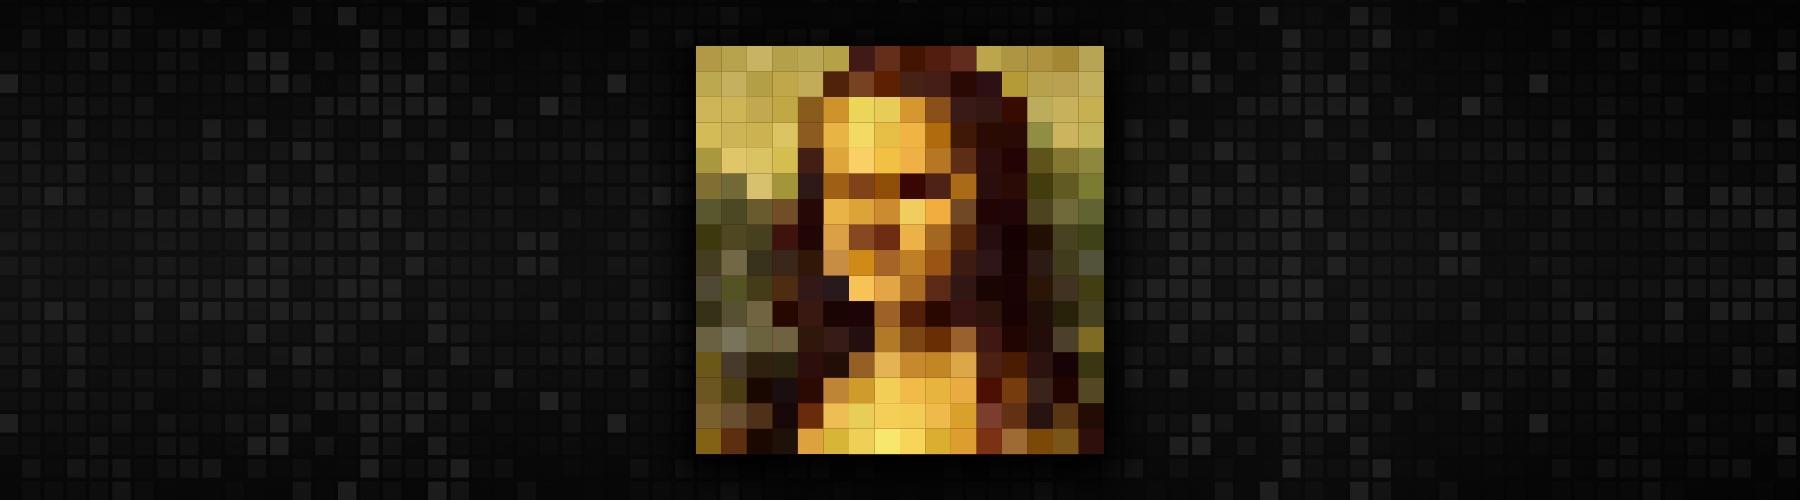 Pixel et vecteur : quelle est la différence ?